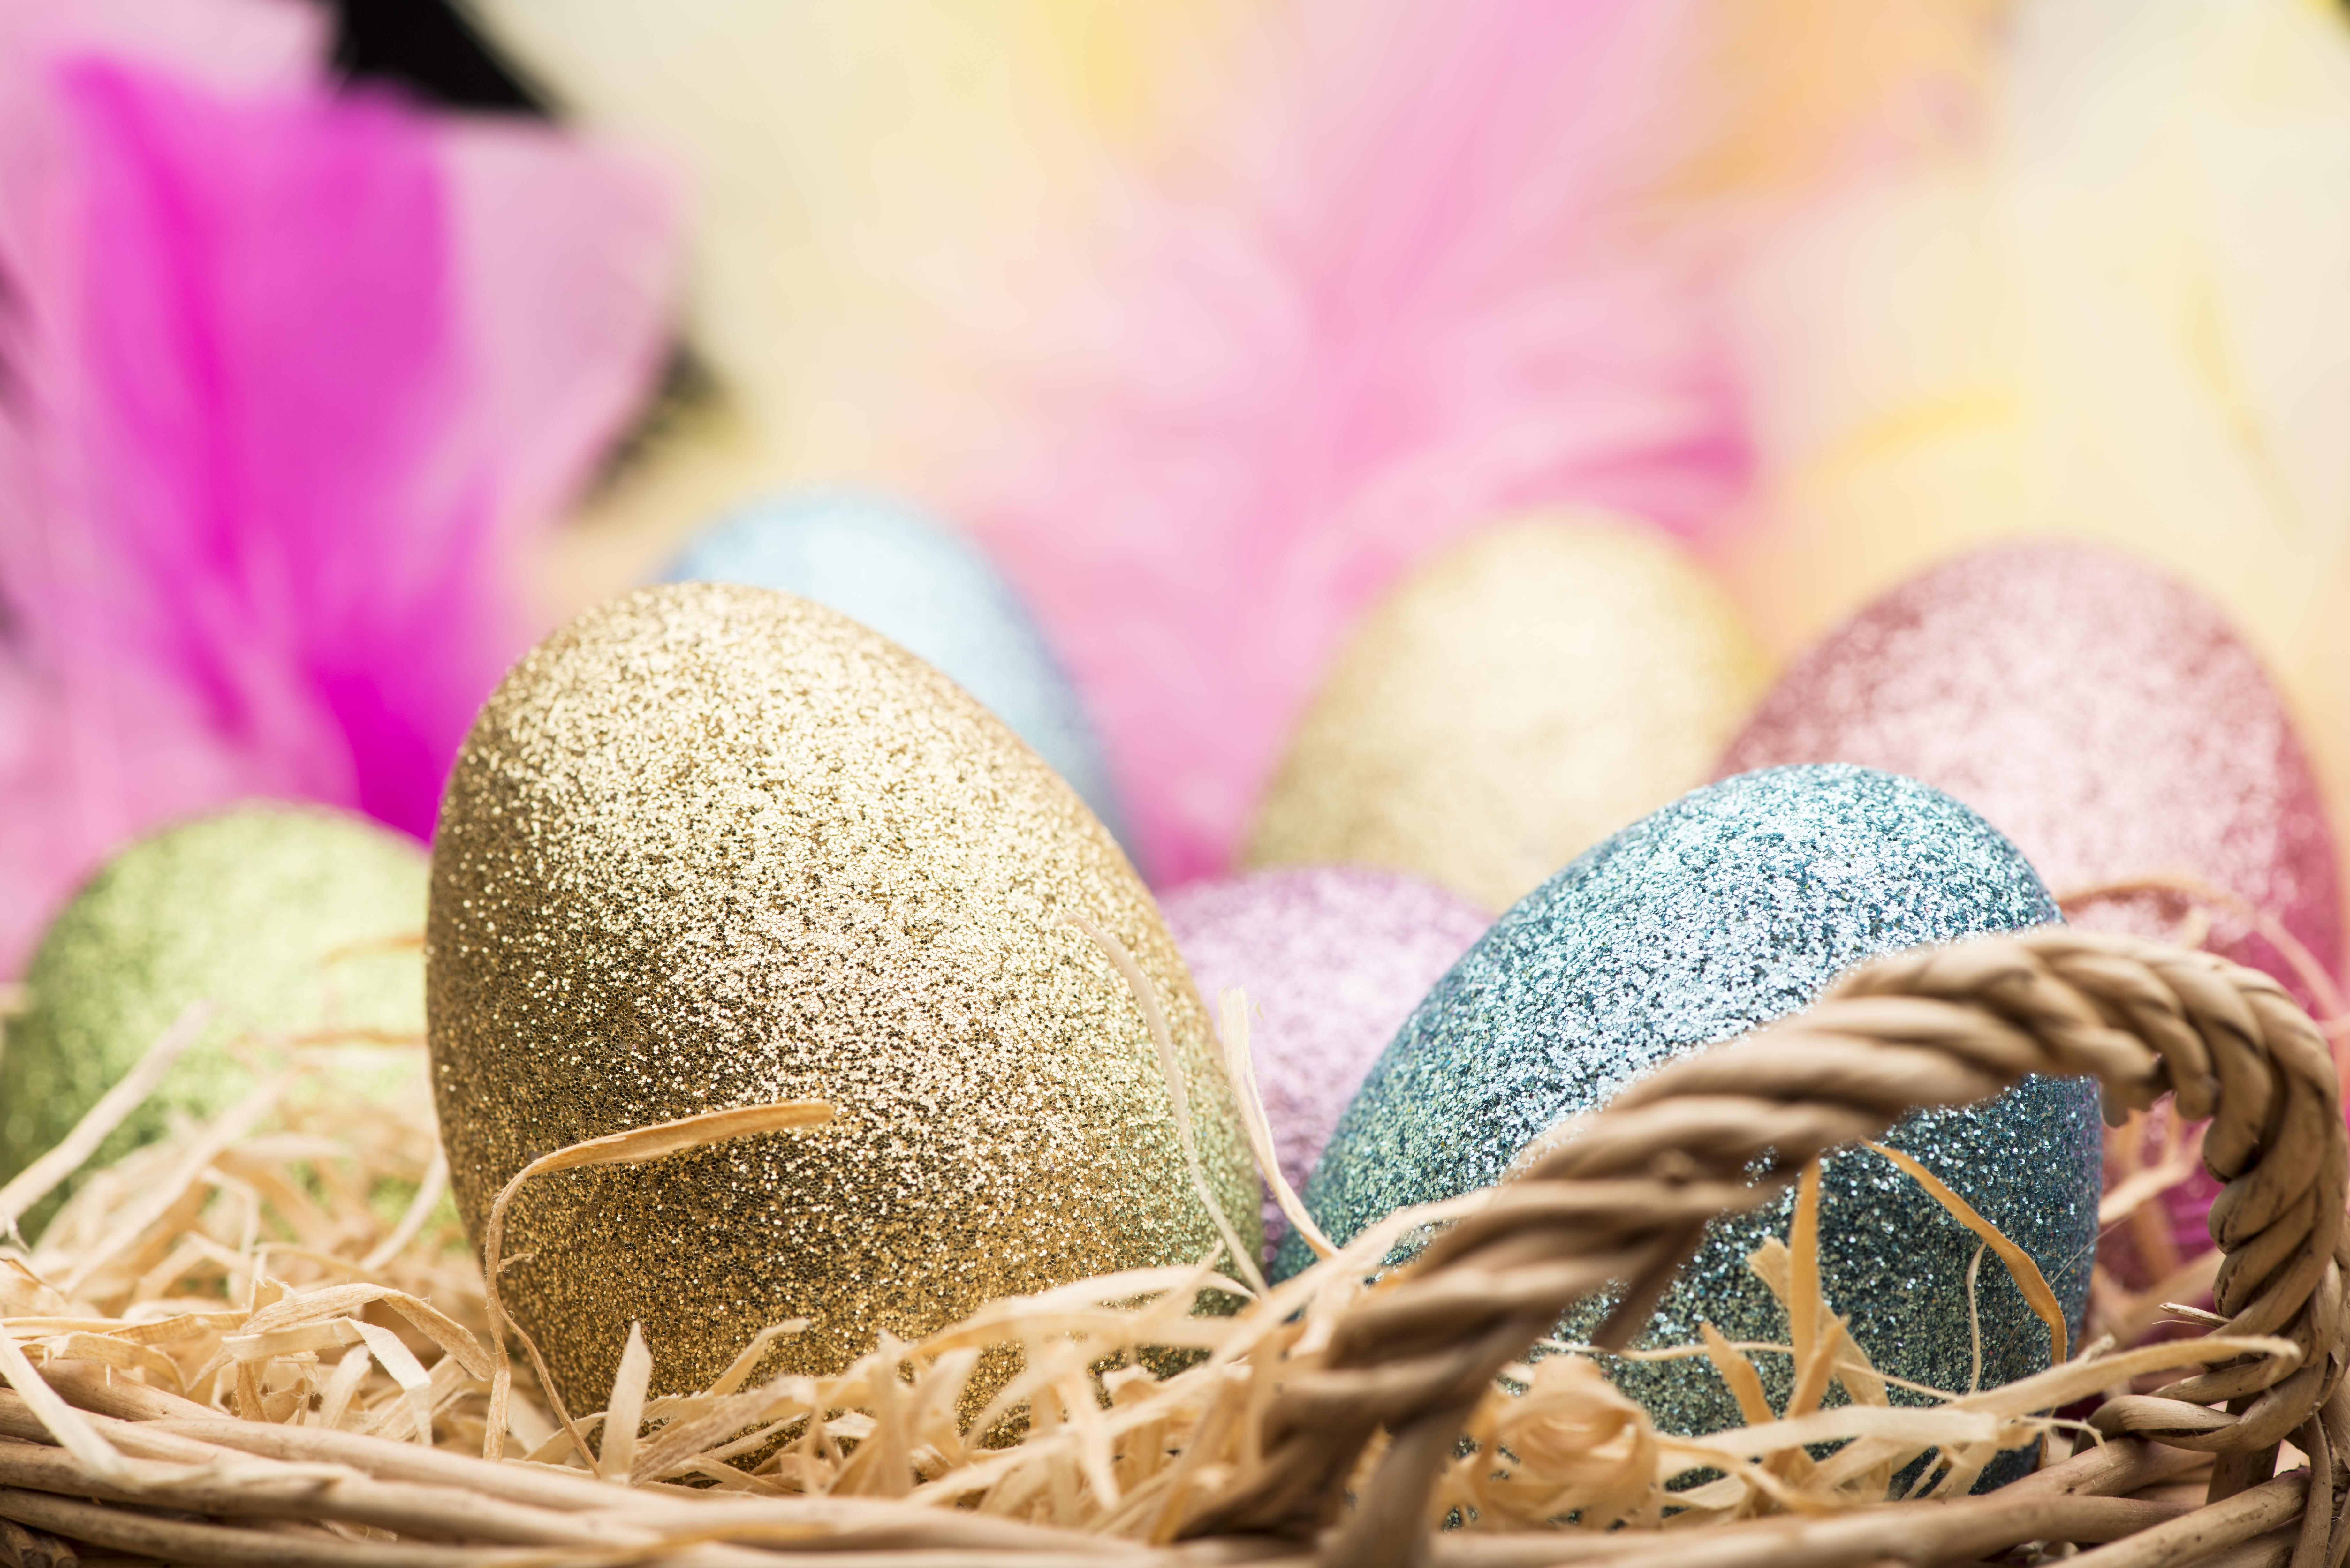 Черупката на яйцето се маже с лепило,а отгоре се посипва с цветен ядлив брокат, докато покрие цялата повърхност.